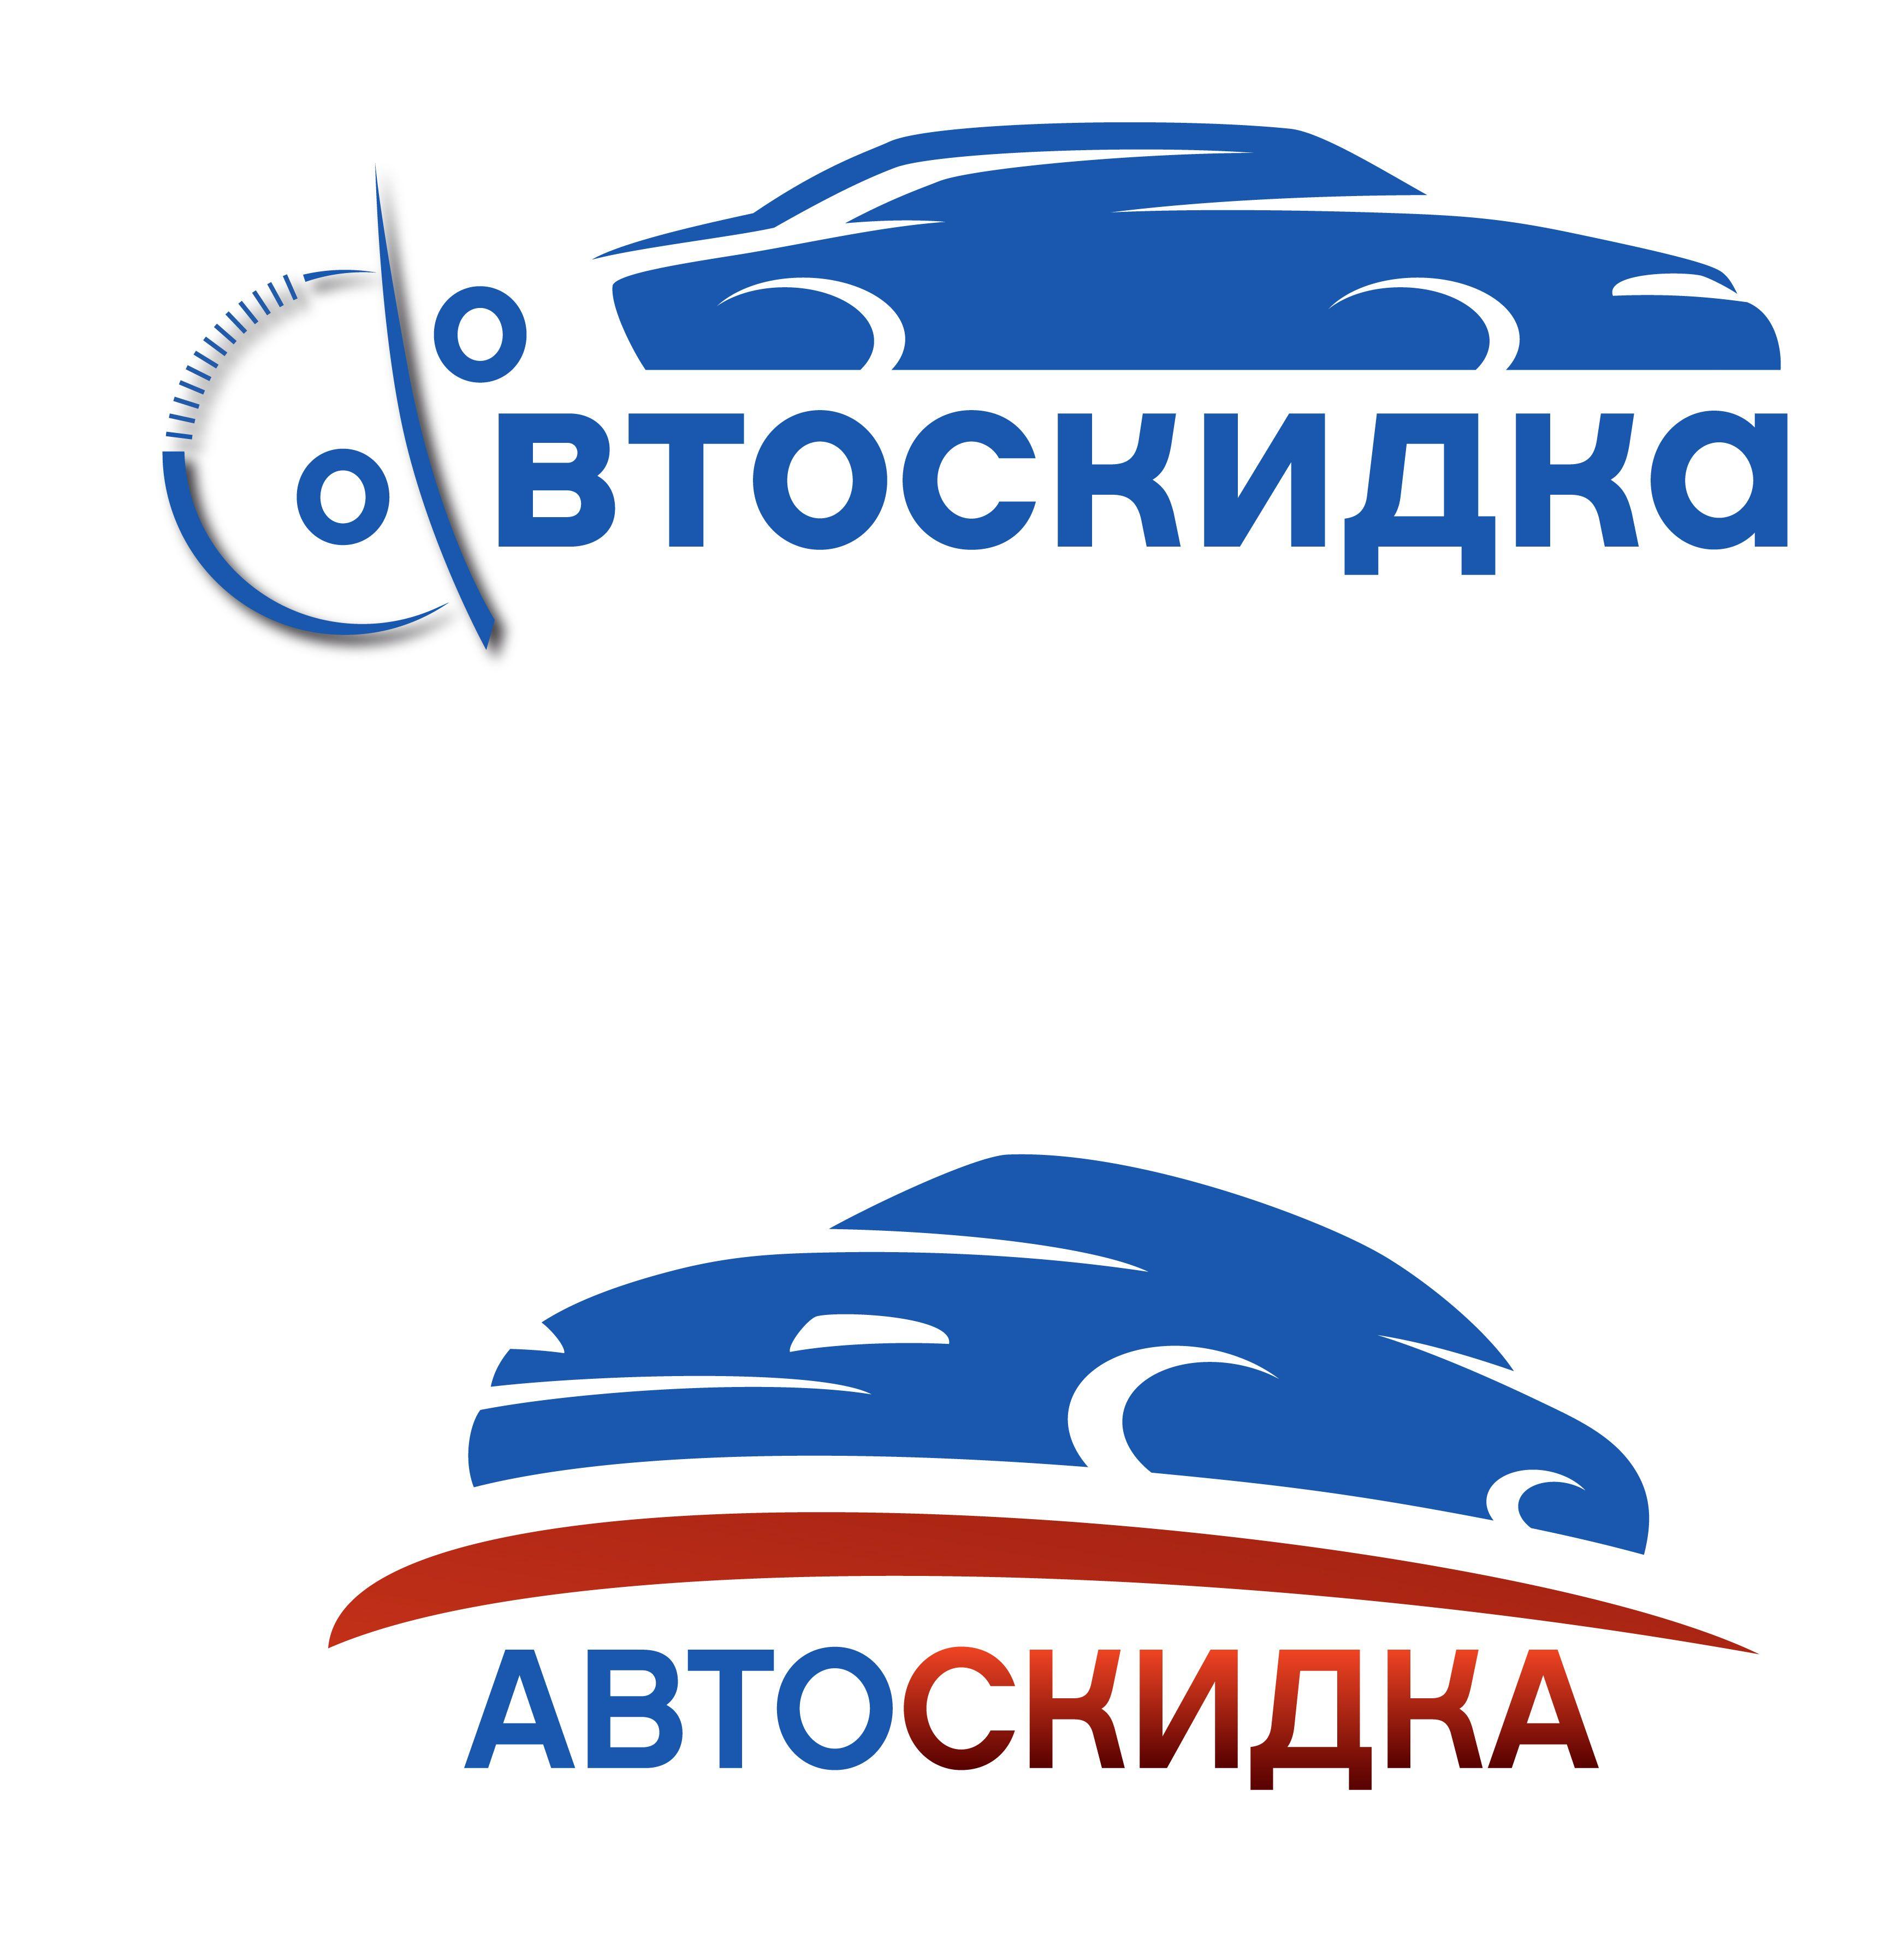 Логотип для скидочного сайта - дизайнер valeriana_88